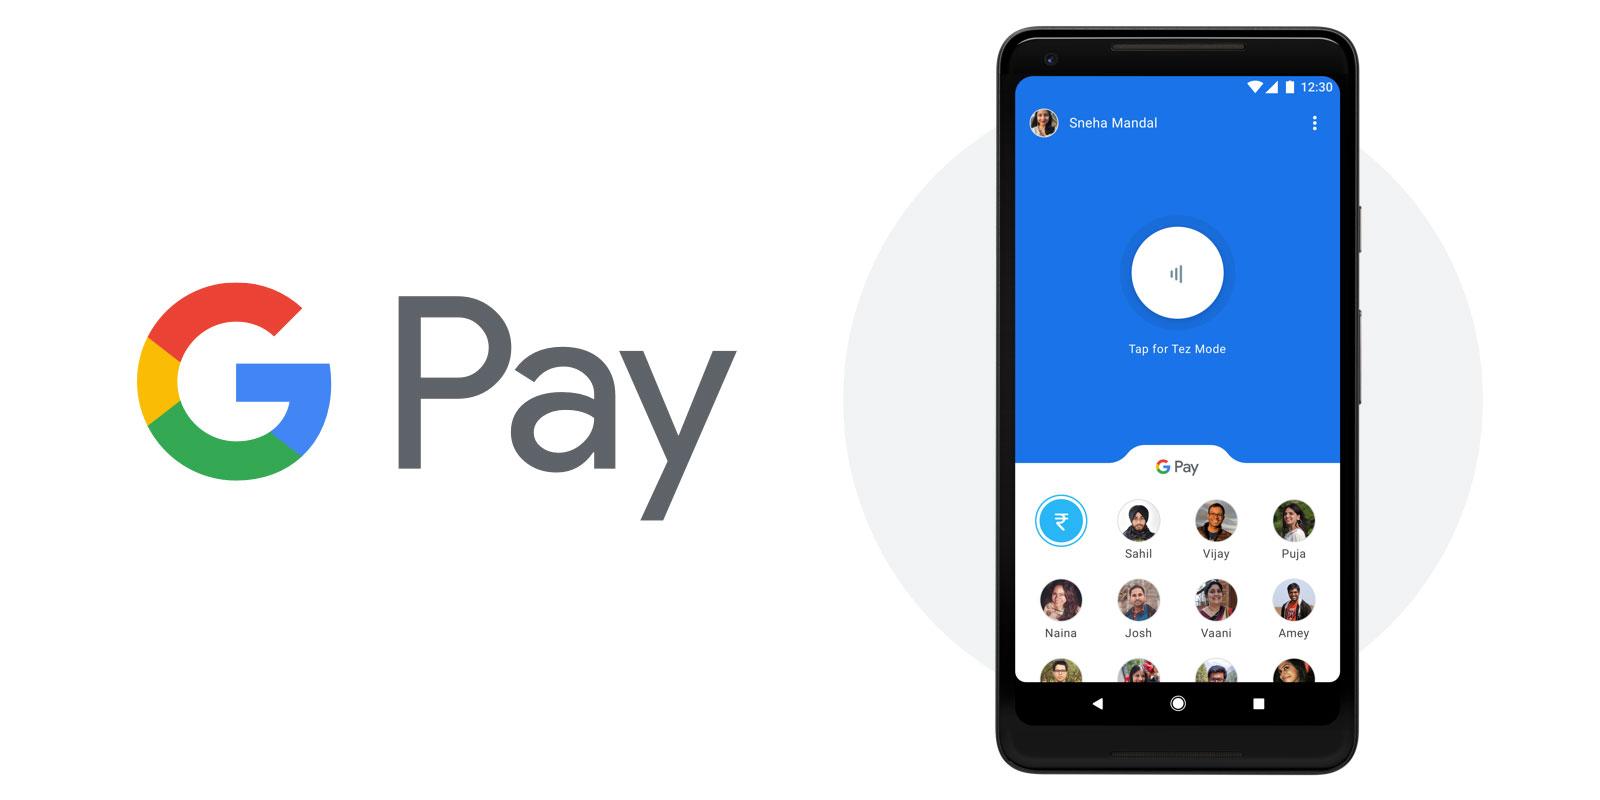 วิธีการใช้ Google Pay